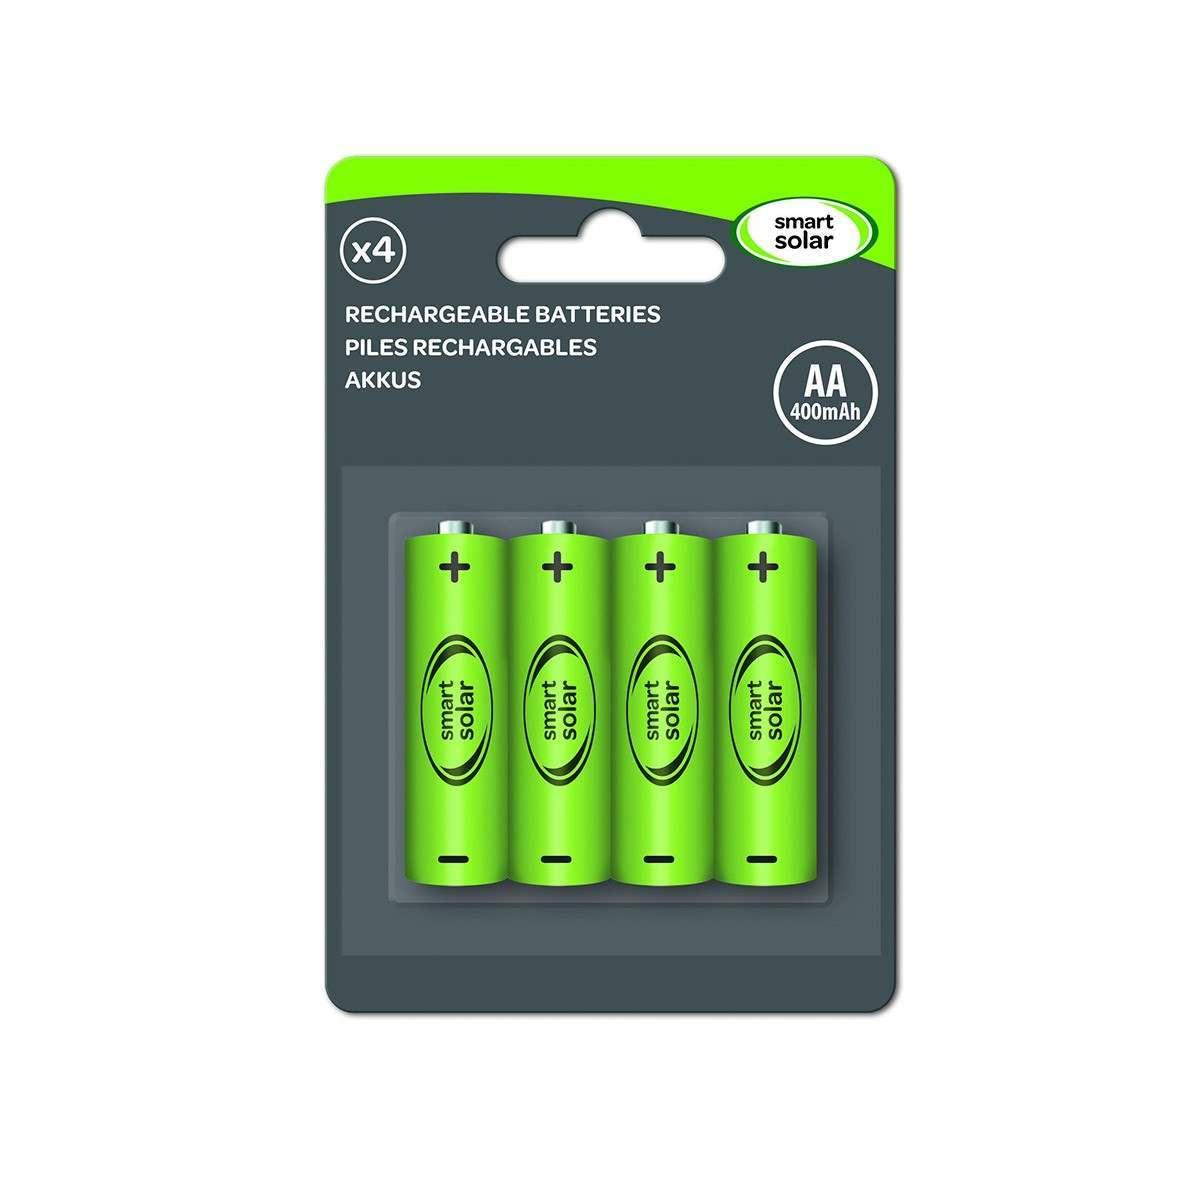 Smart Garden Rechargeable Batteries Aa 600 Mah 4 Pack